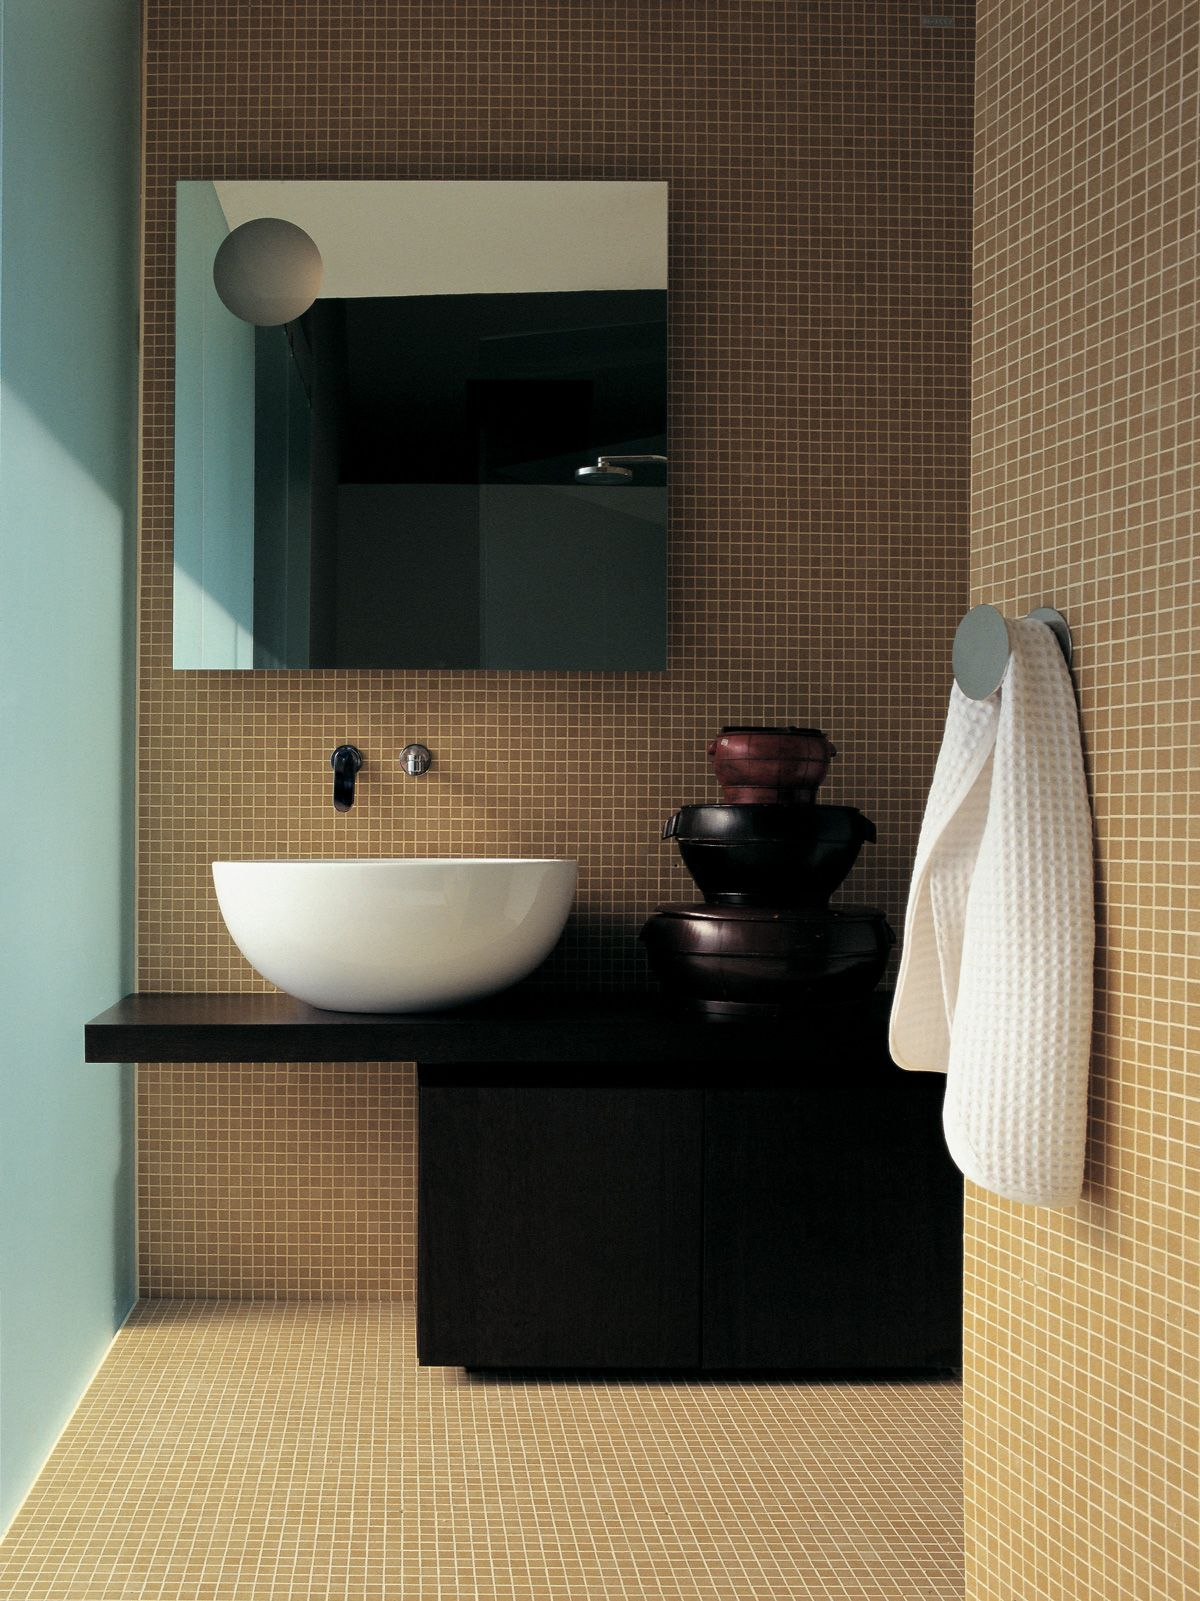 Brossette Salle De Bain Evreux ~ Dip Ceramic Flaminia Indoors Public Toilet Pinterest